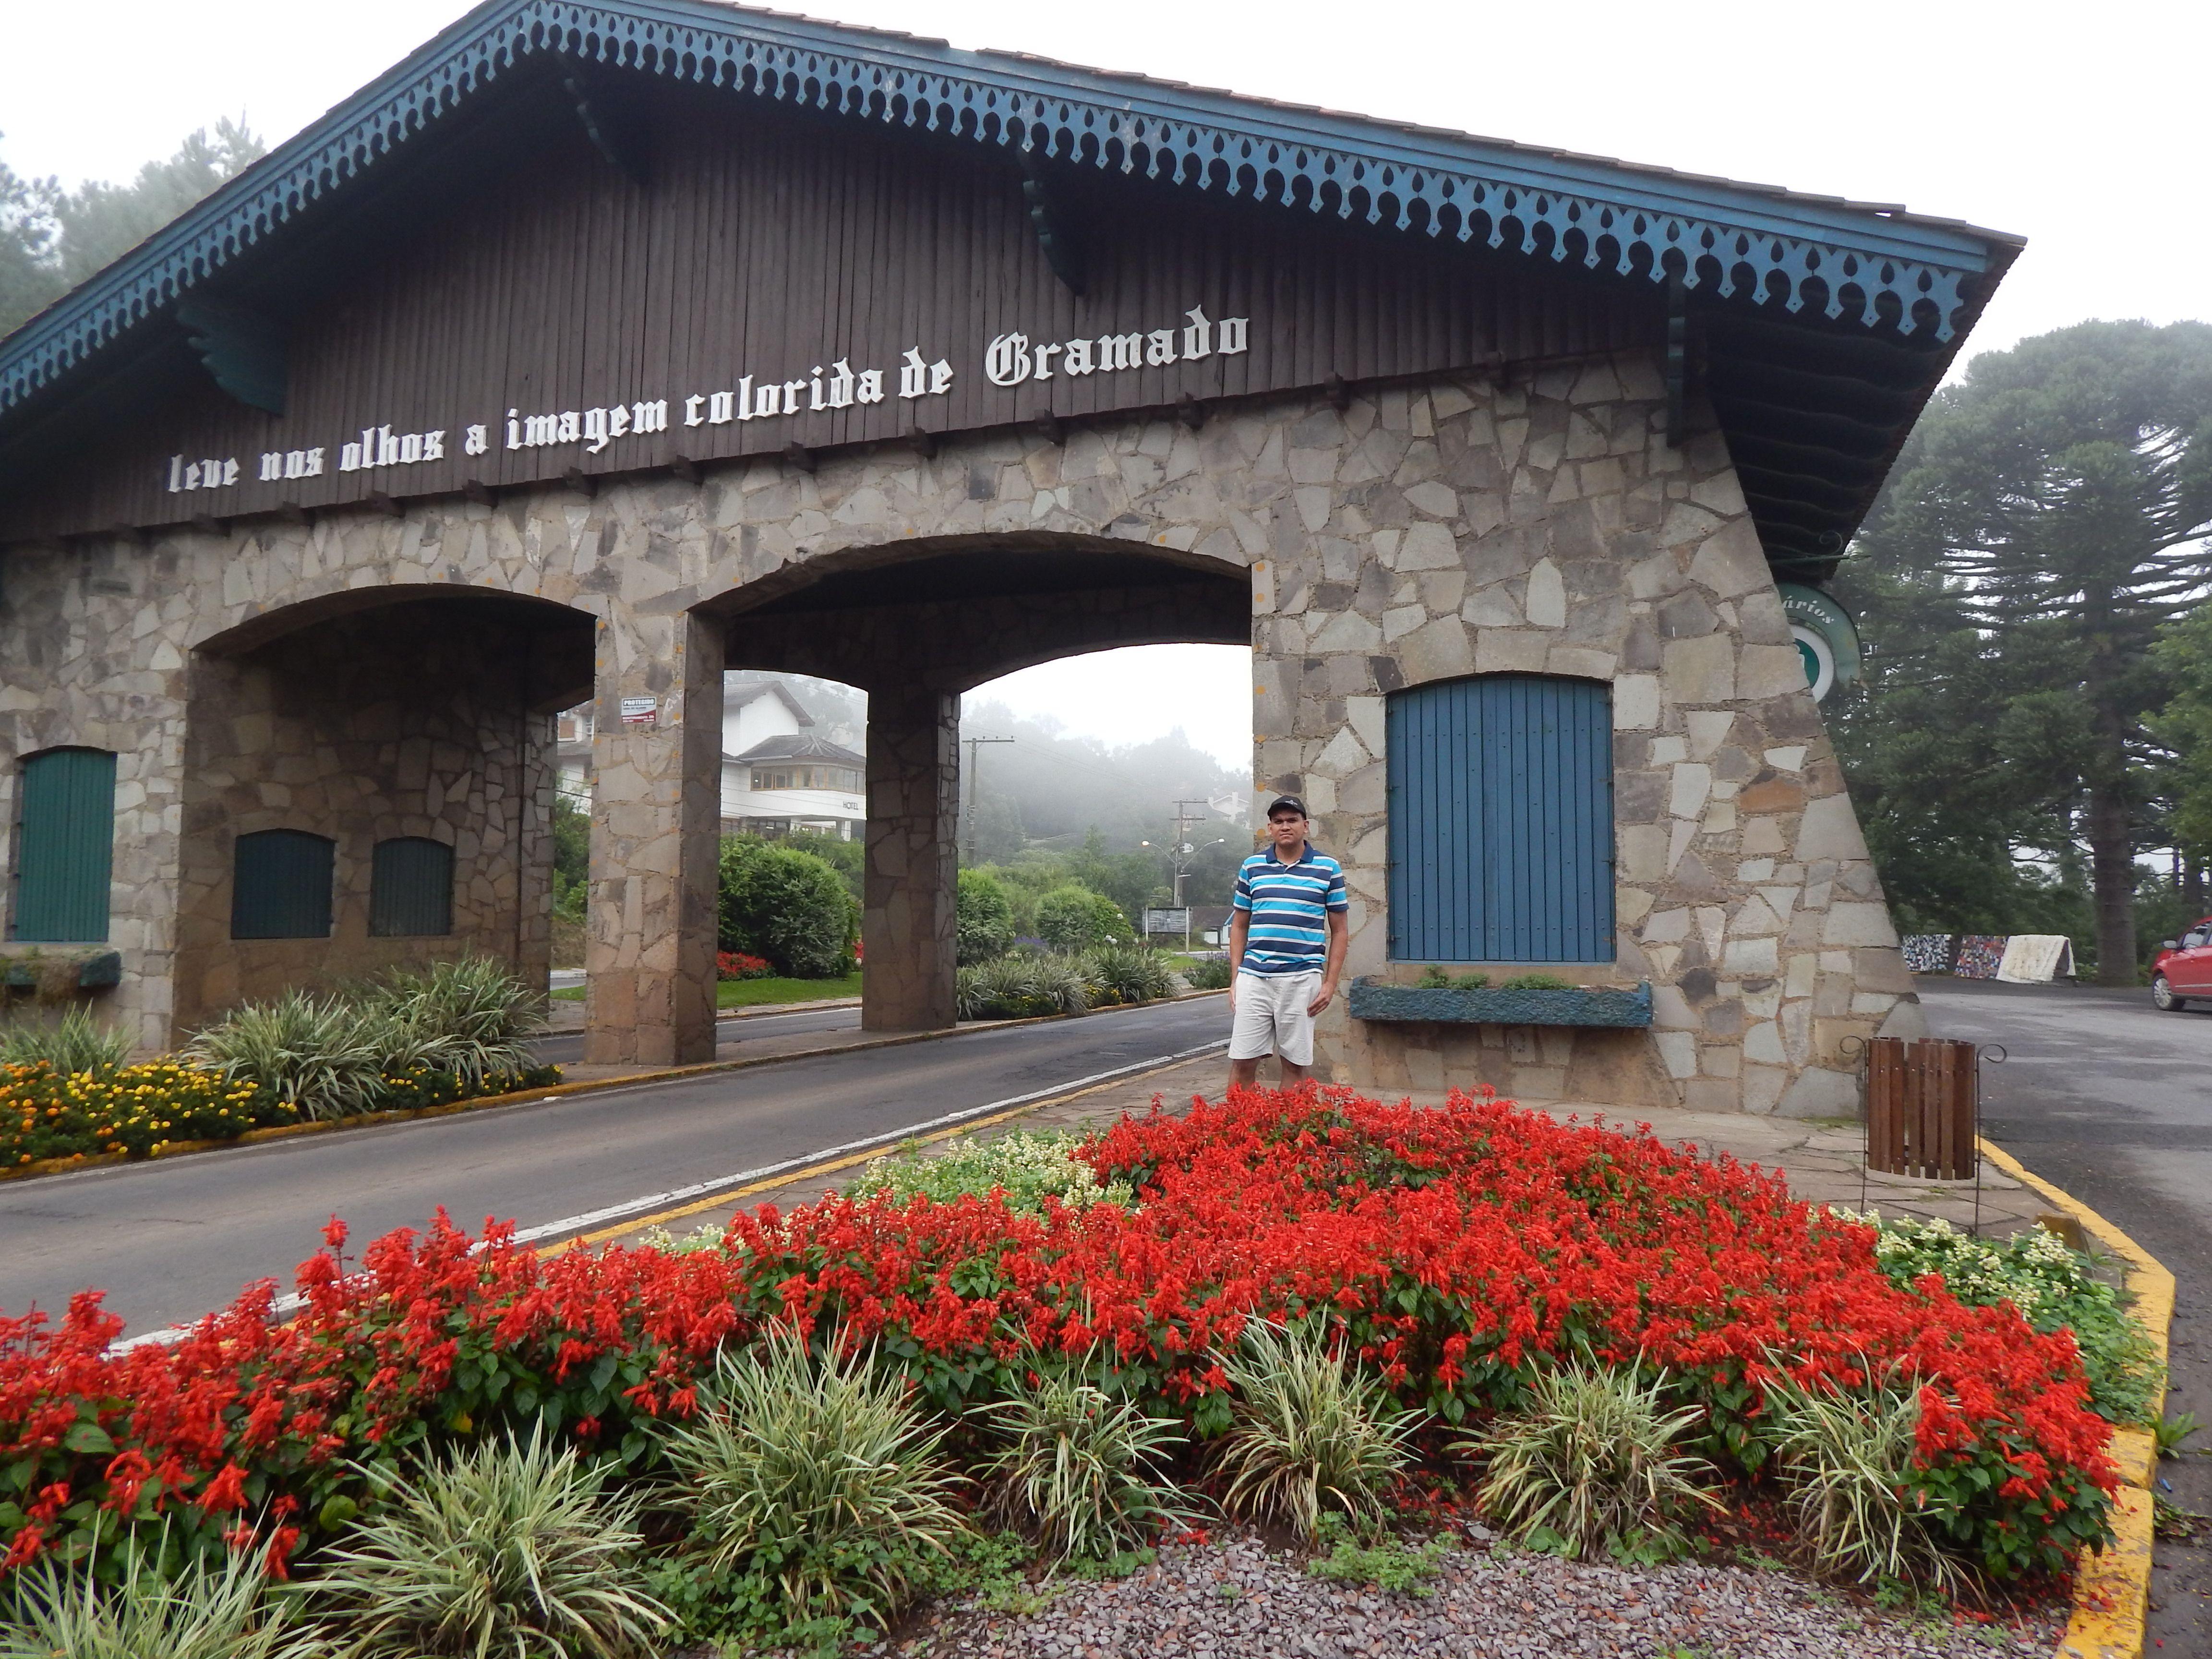 """012 - Em Gramado, quem vai para Nova Petrópolis pode ler os dizeres no Pórtico: """"Leve nos olhos a imagem colorida de Gramado""""."""